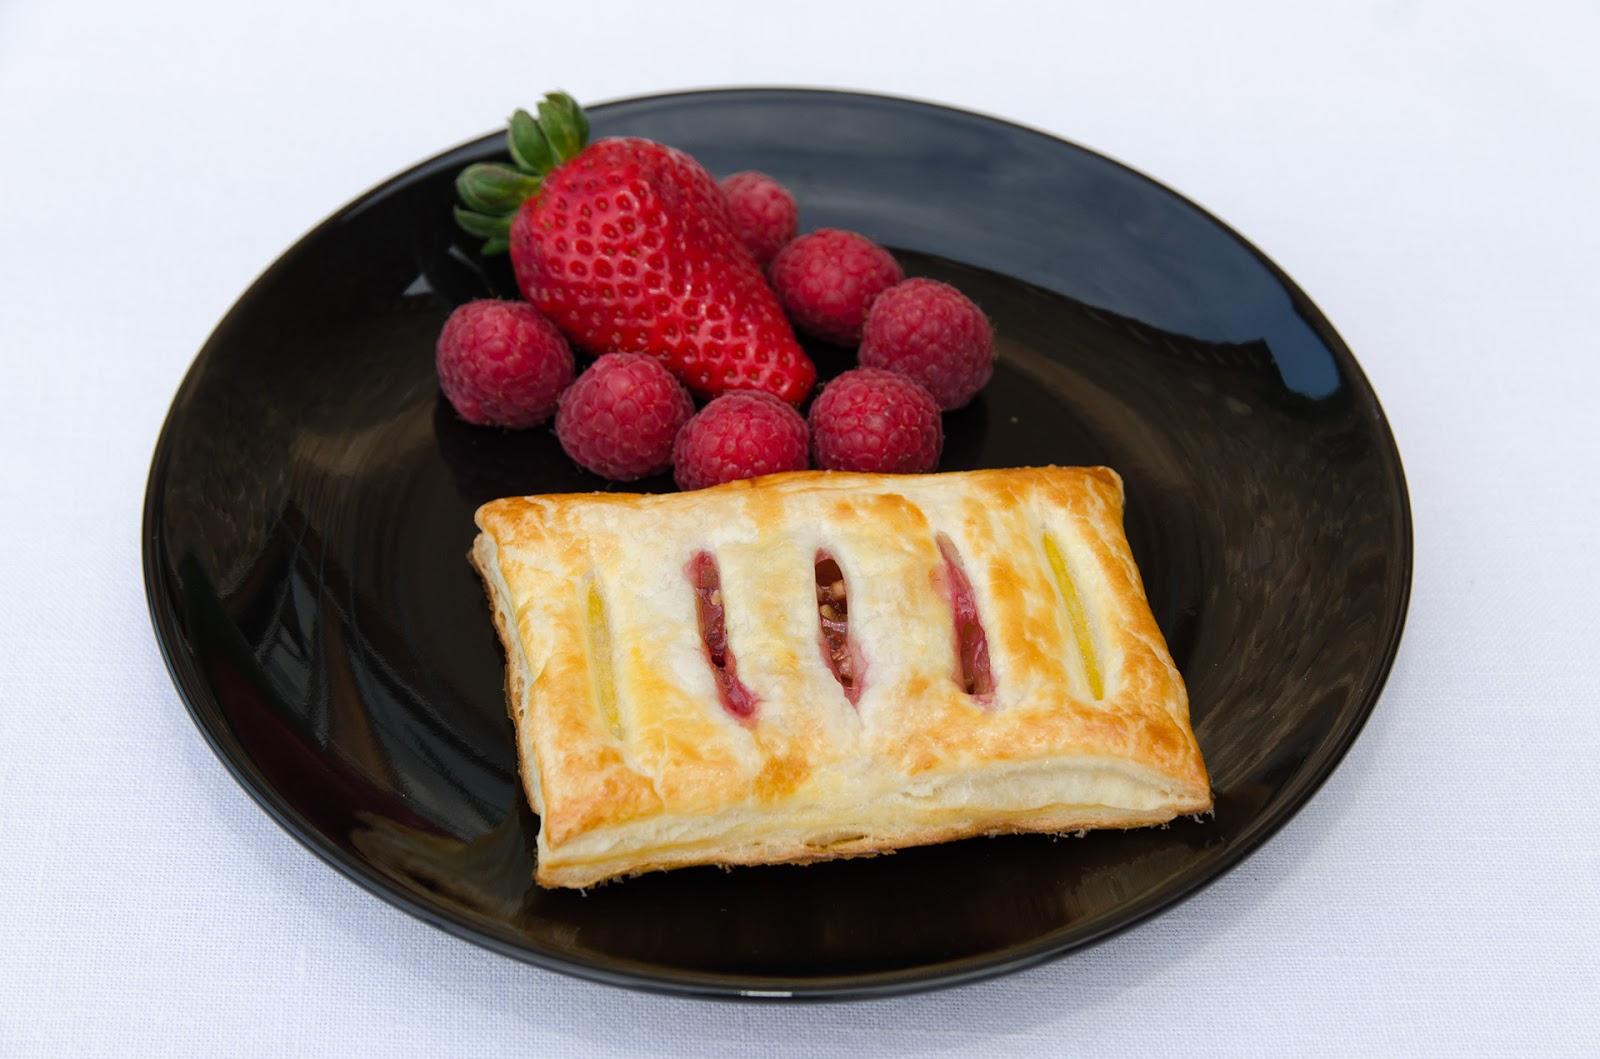 hojaldre-relleno-mermelada-queso-receta-postre-bruja